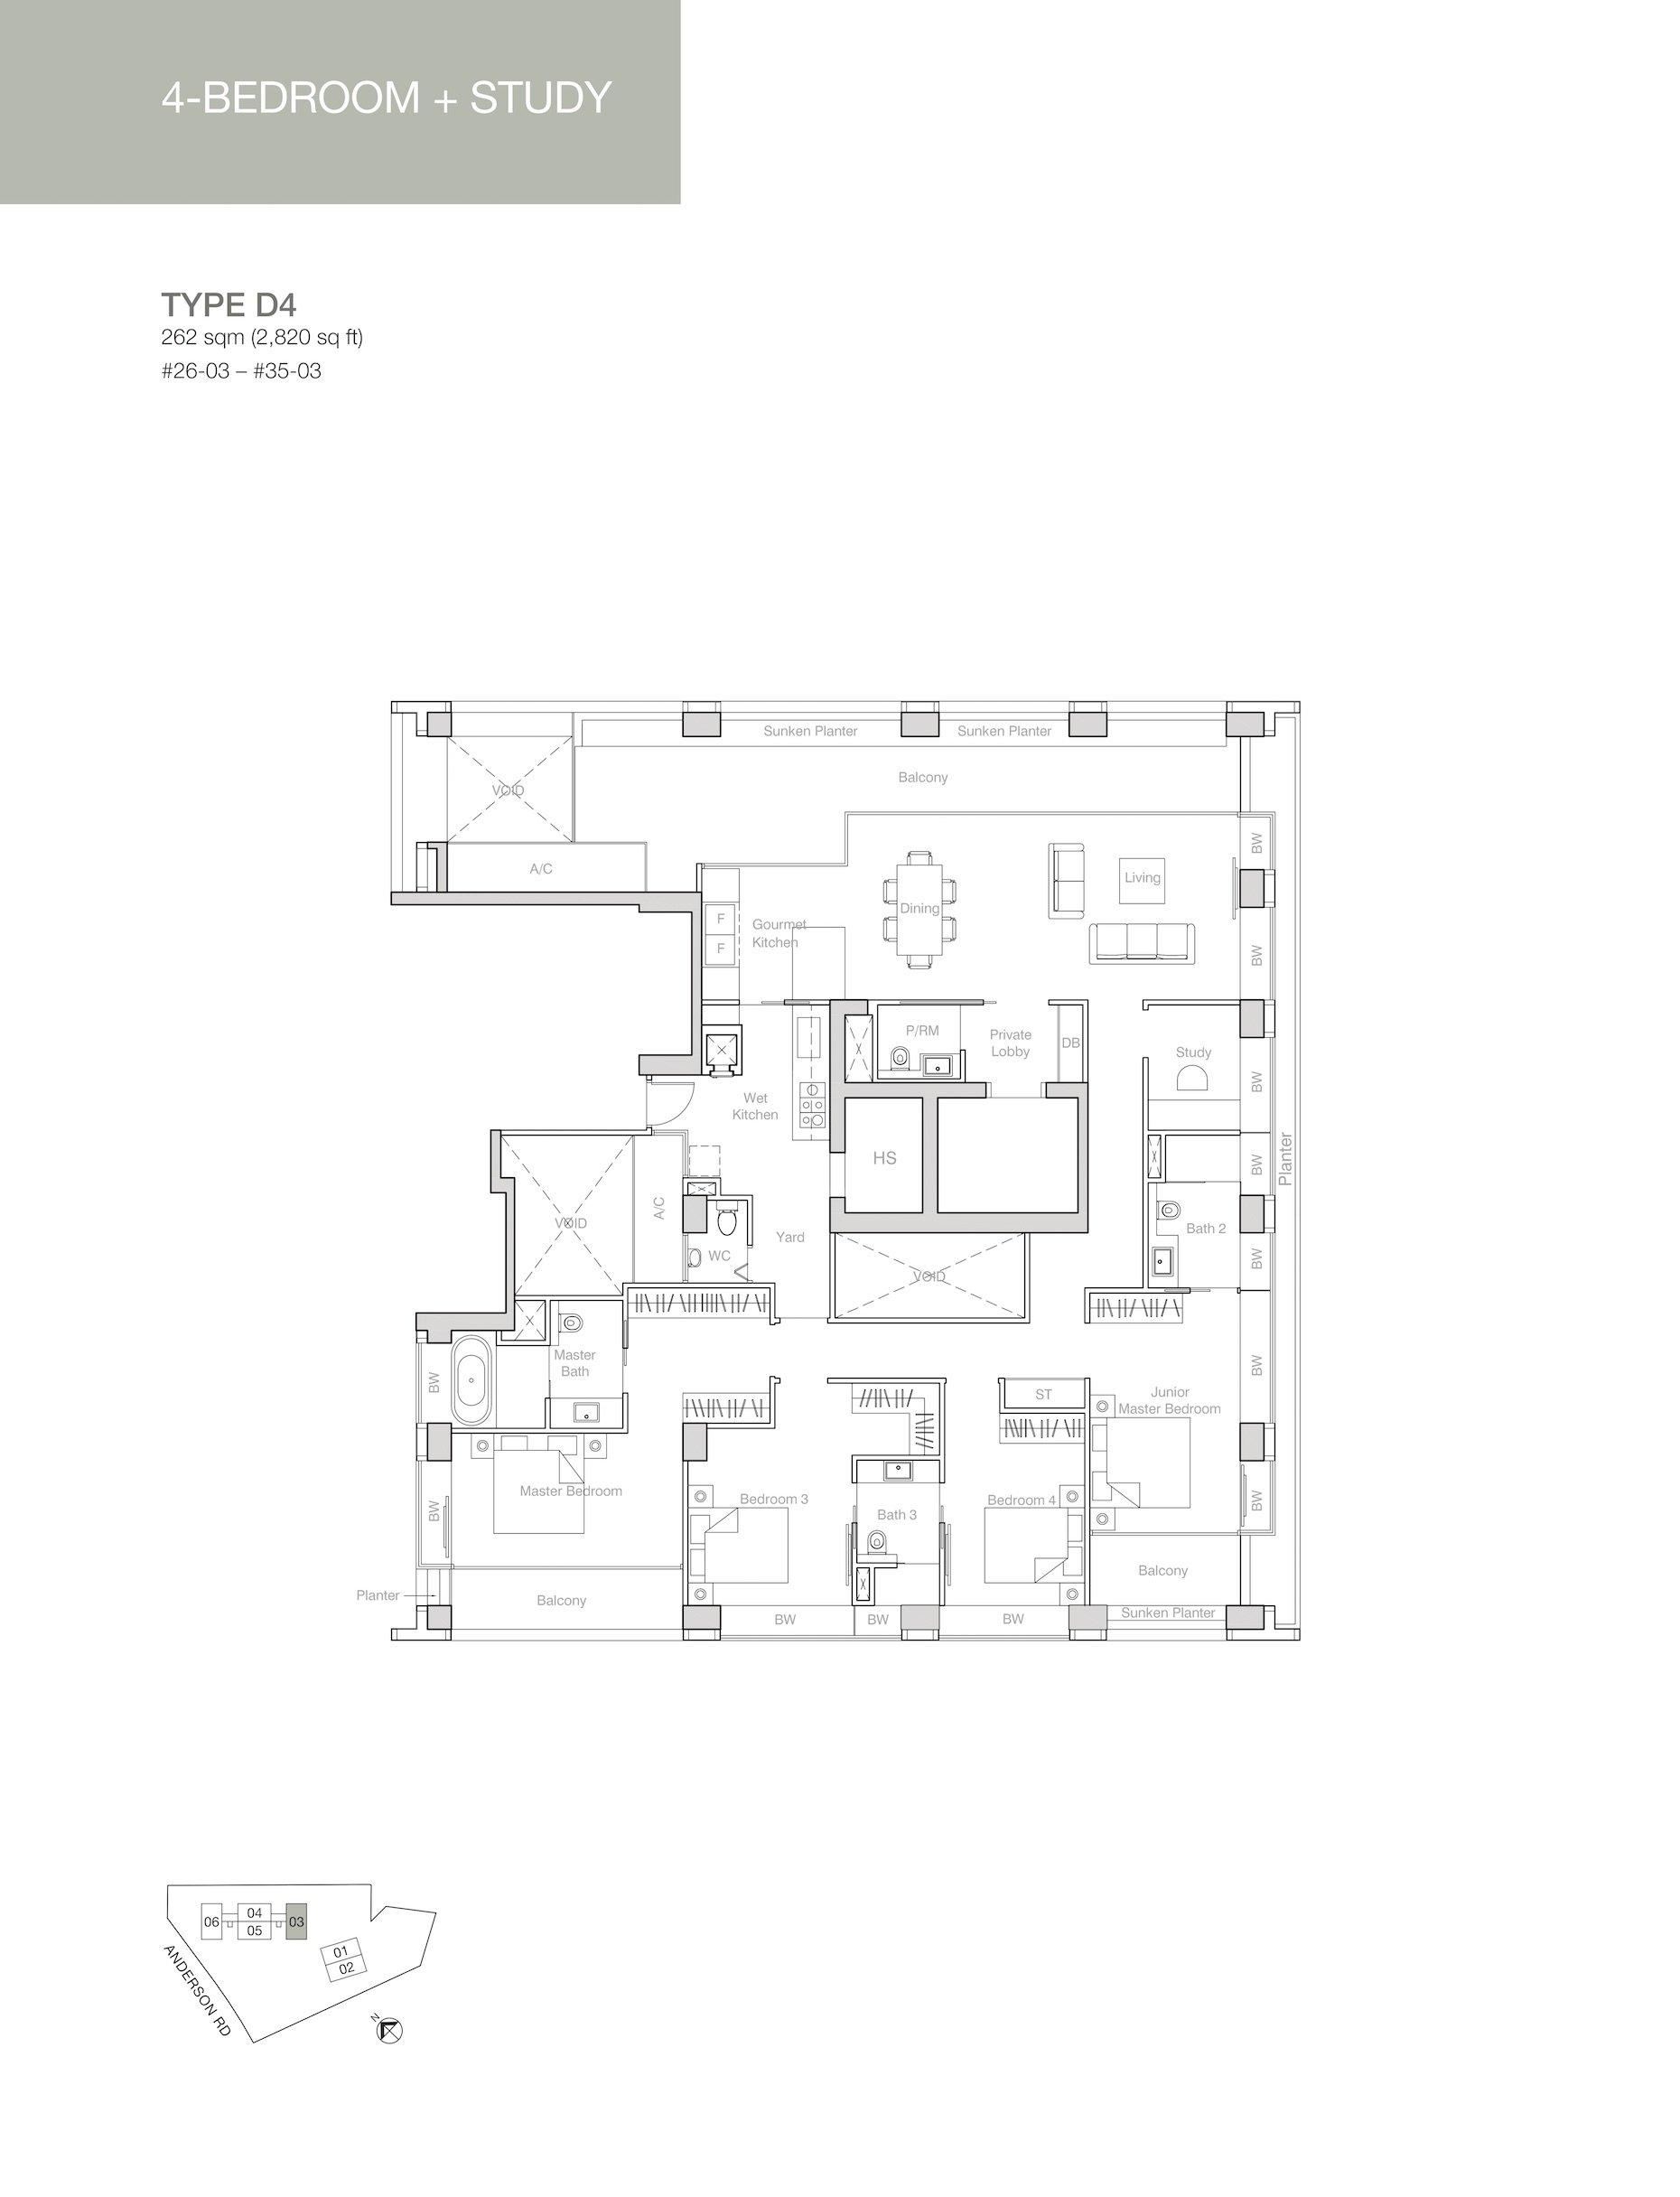 Nouvel 18 明筑公寓-floor plan 4卧房+书房d4